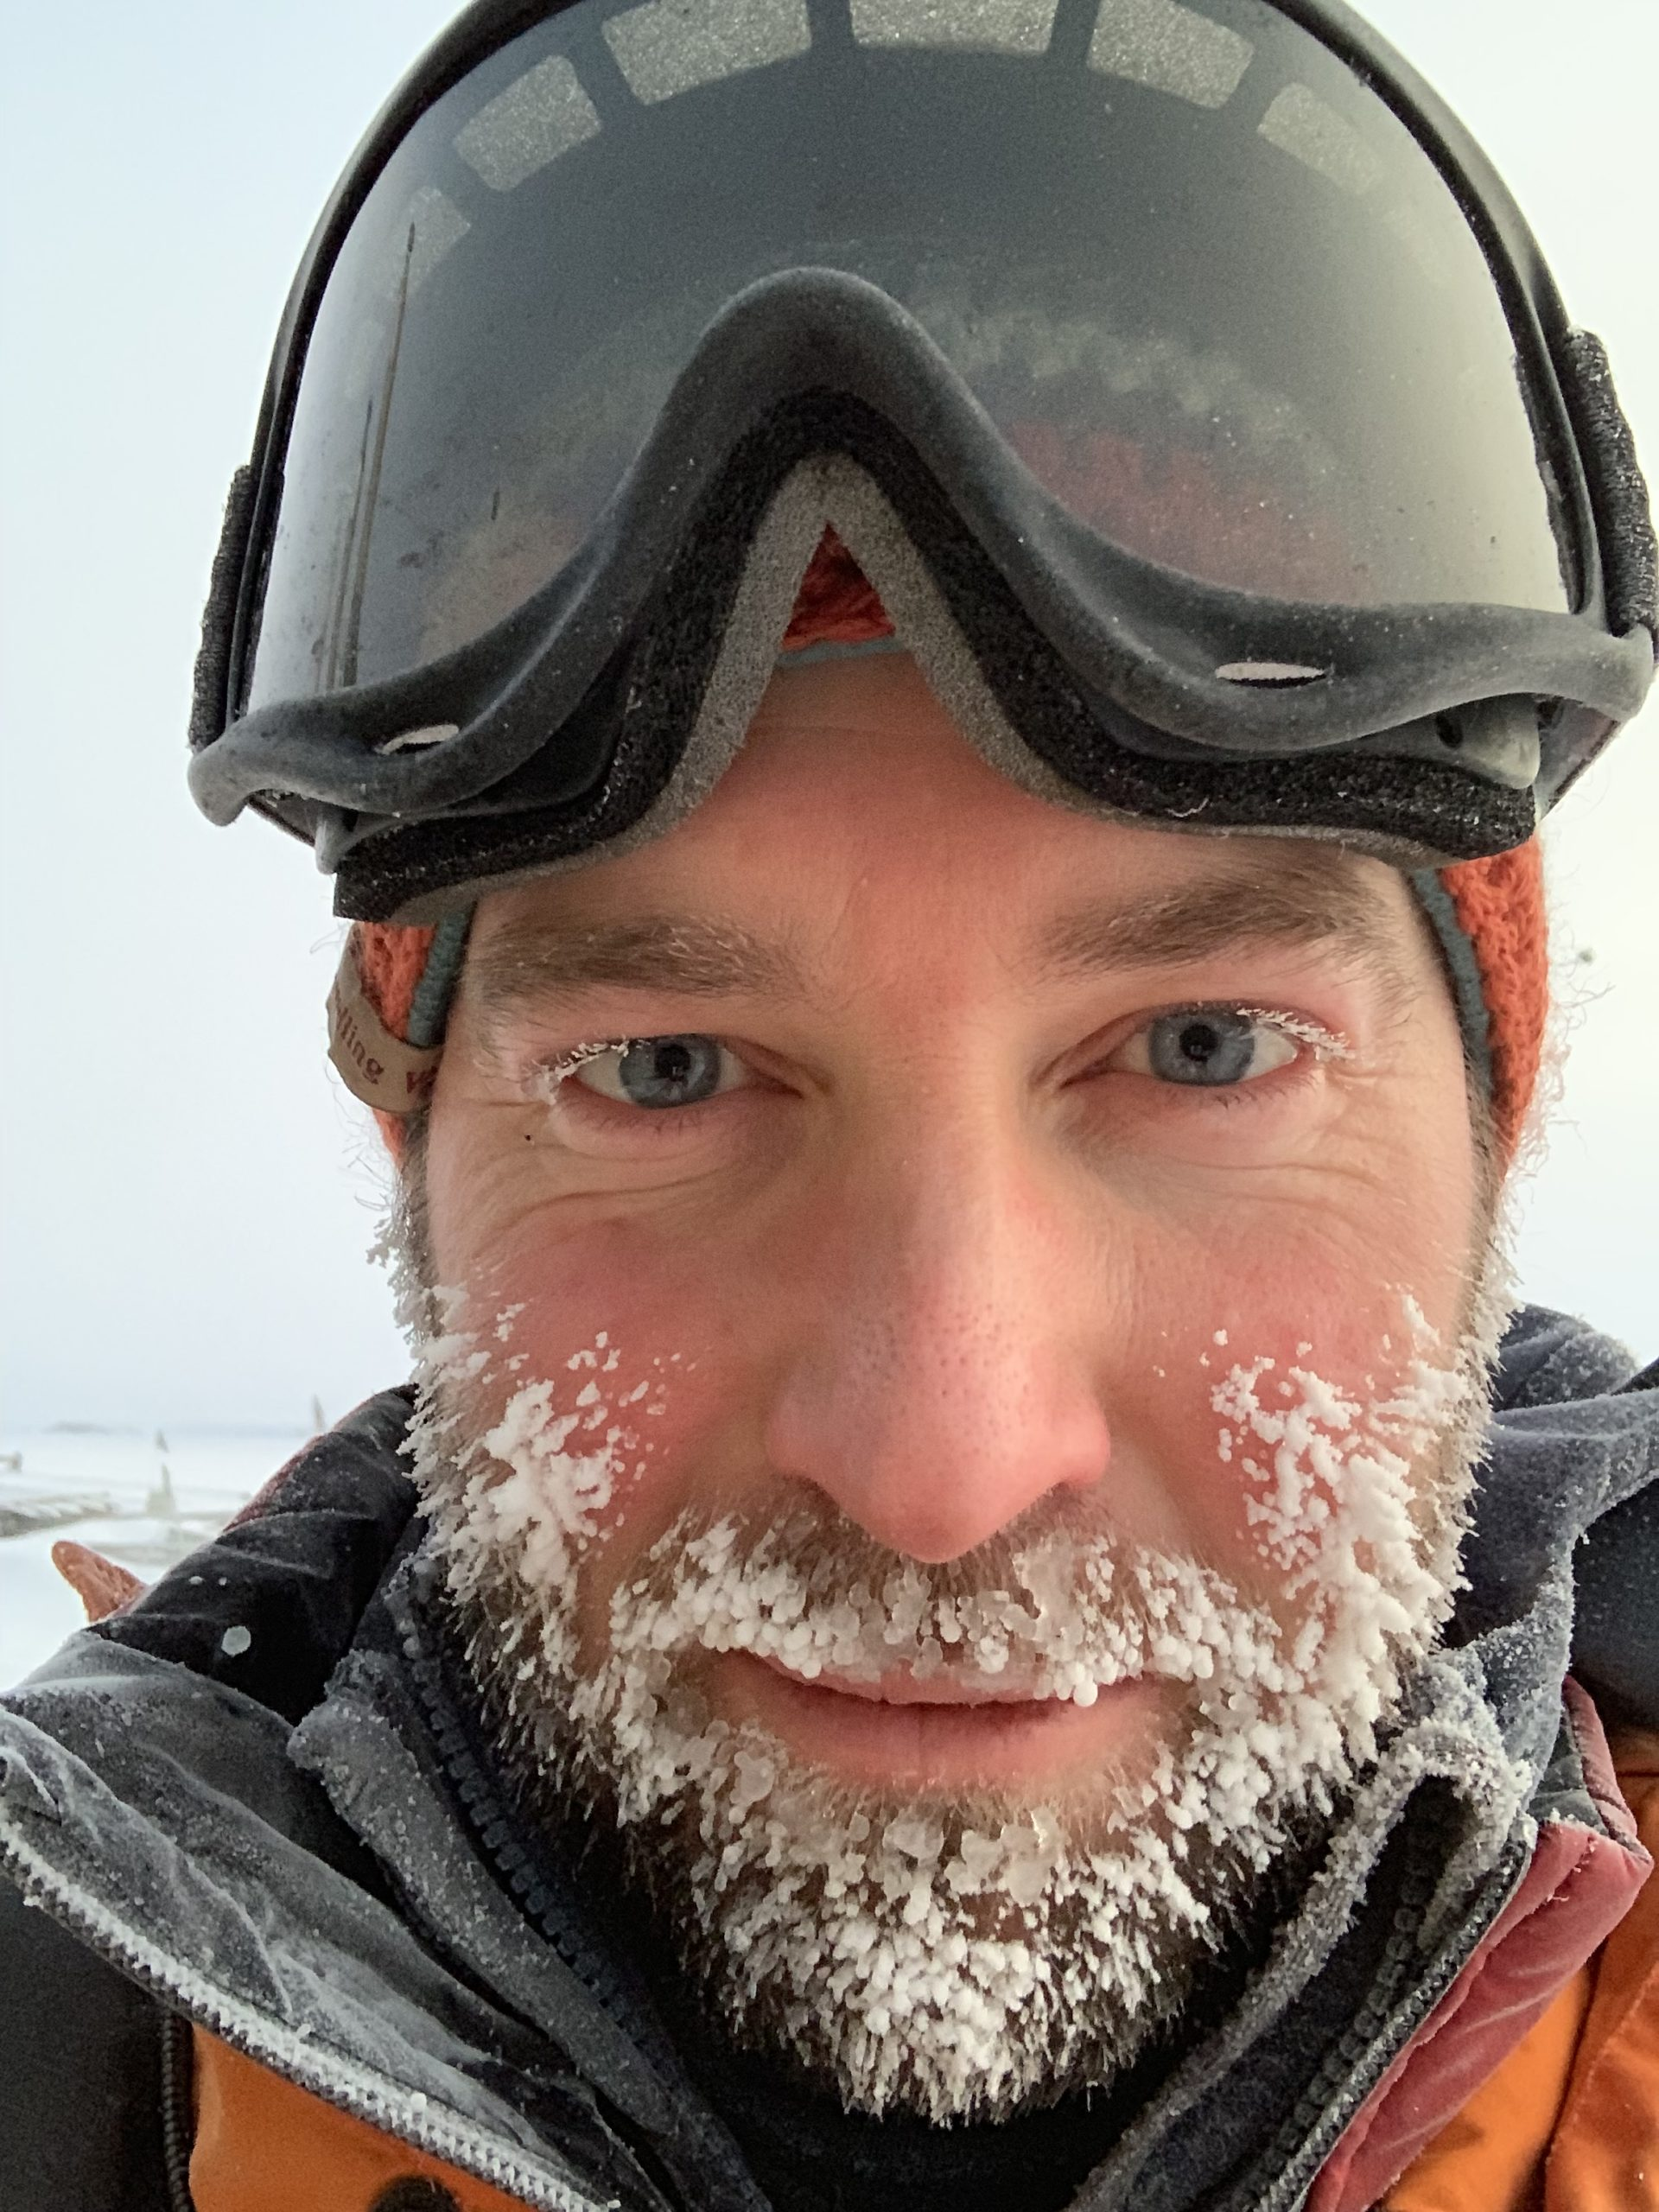 Photo of Matthew Phillips in Antarctica